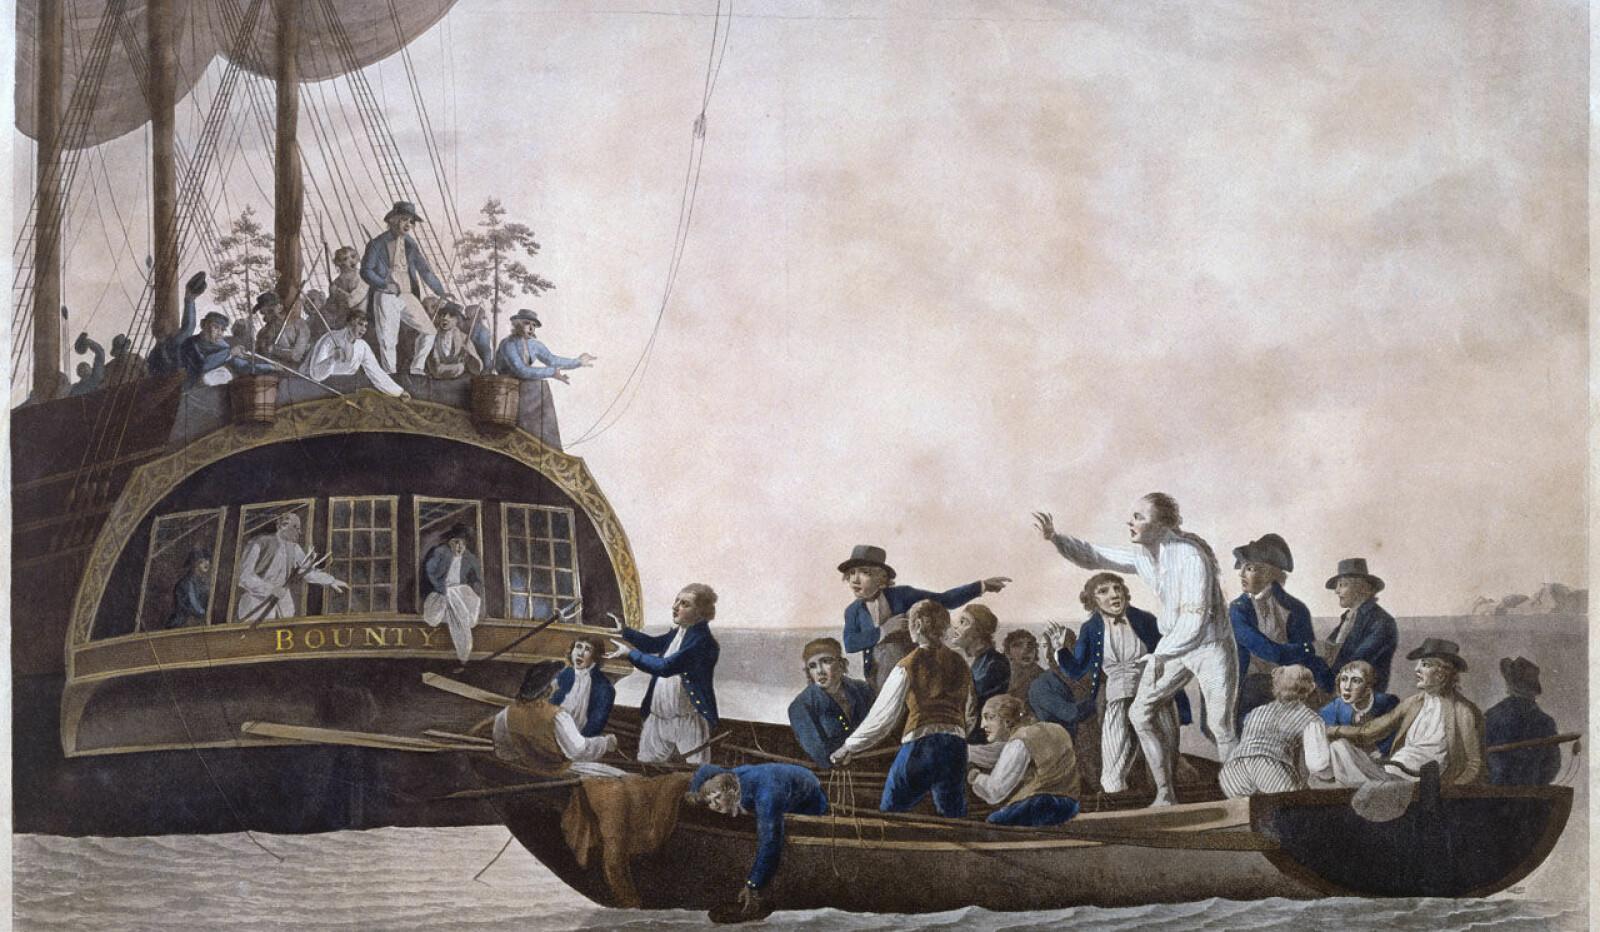 <b><SPAN CLASS=BOLD><STRONG>MYTTERIET PÅ BOUNTY:</b></strong> </span>Slik forestiller en kunstner seg mytteriet på Bounty i det kaptein Blight og den lojale delen av mannskapet overlatt til seg selv i en lettbåt.